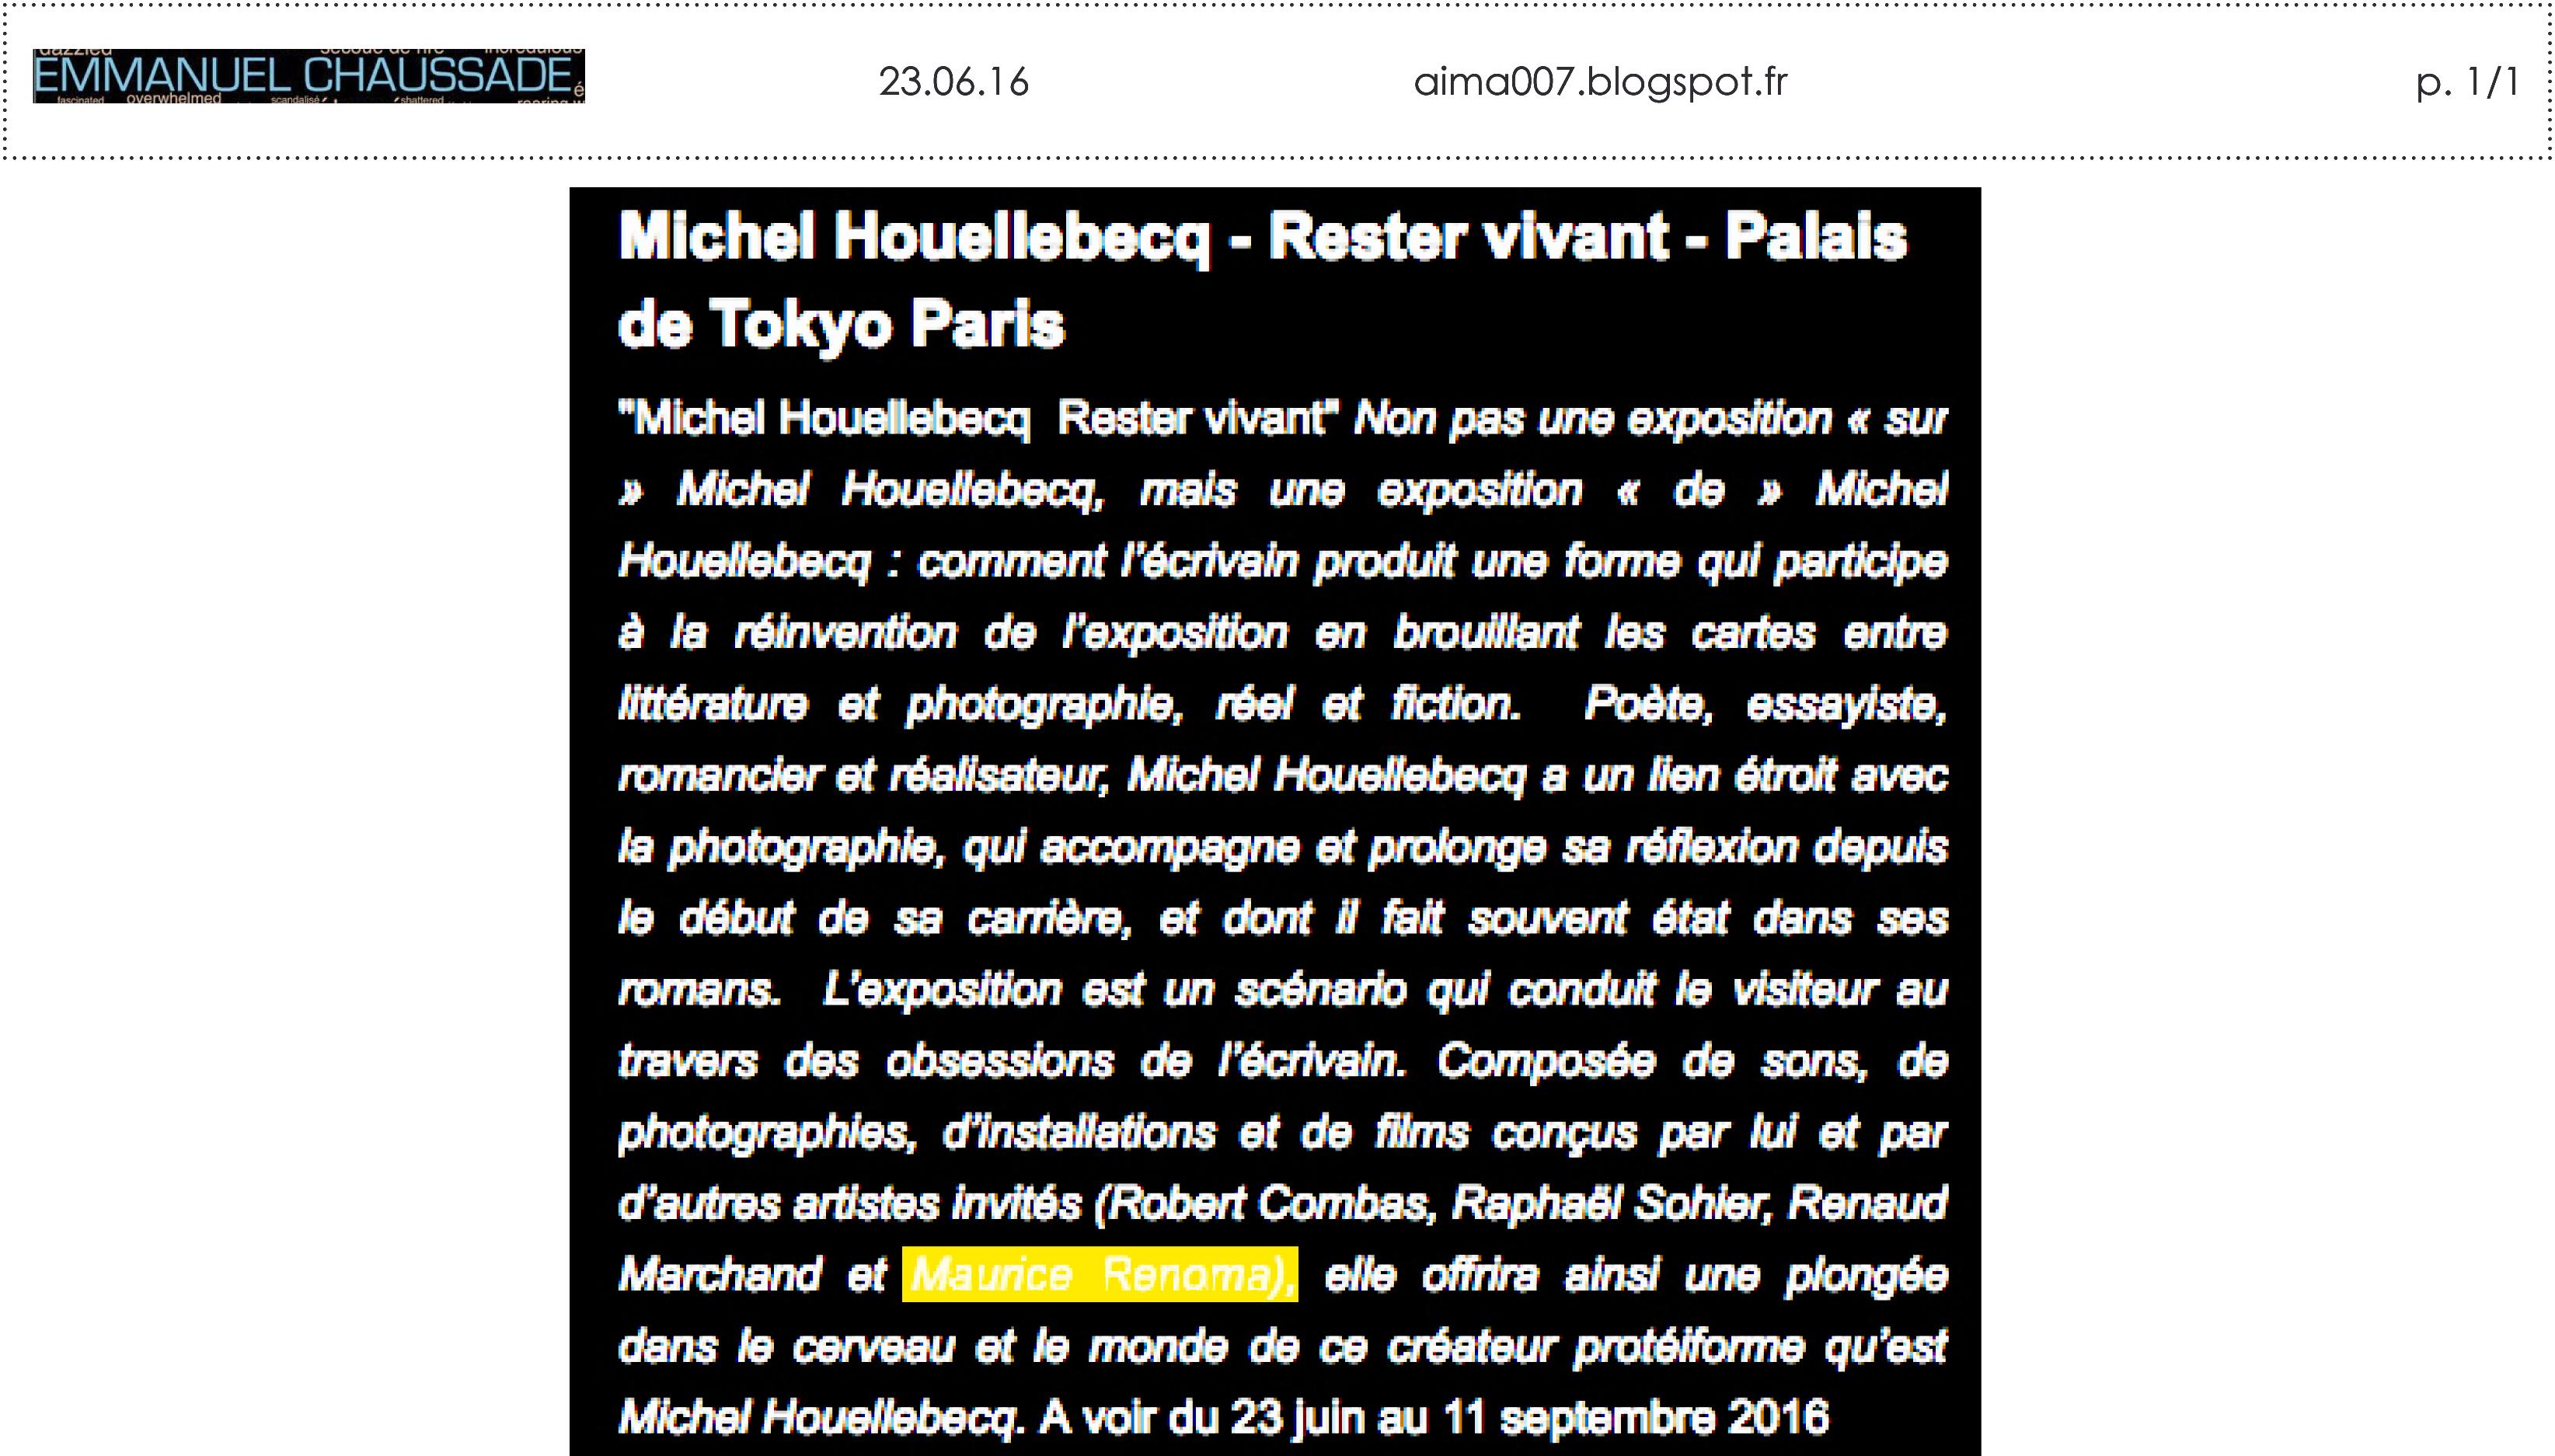 23.06.16 _ Emmanuel Chaussade